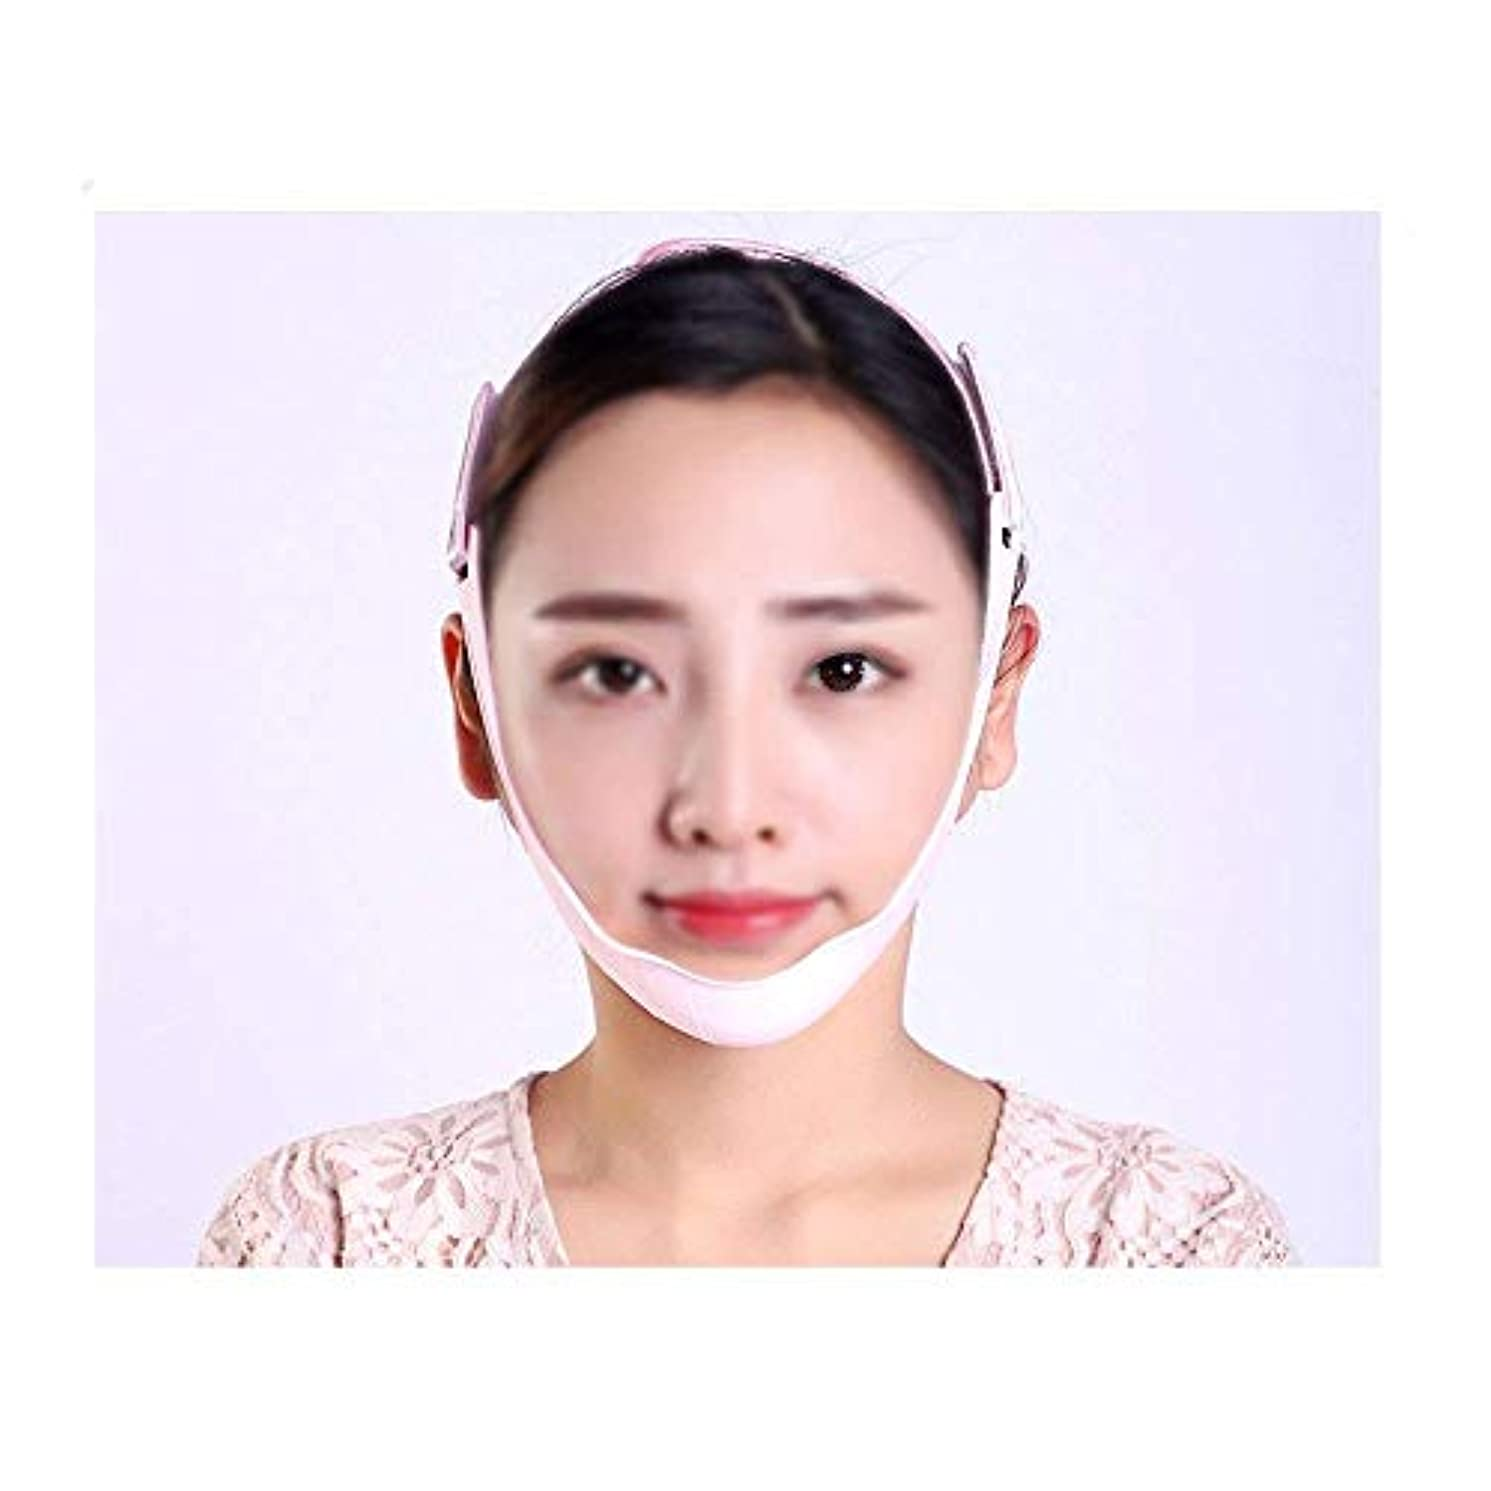 電気的トリプル宿泊フェイシャルリフティングマスク、リフティングフェイシャルファーミングアーティファクト/マッサージ器薄い顔の包帯/通気性ダブルチンスリミングマスク